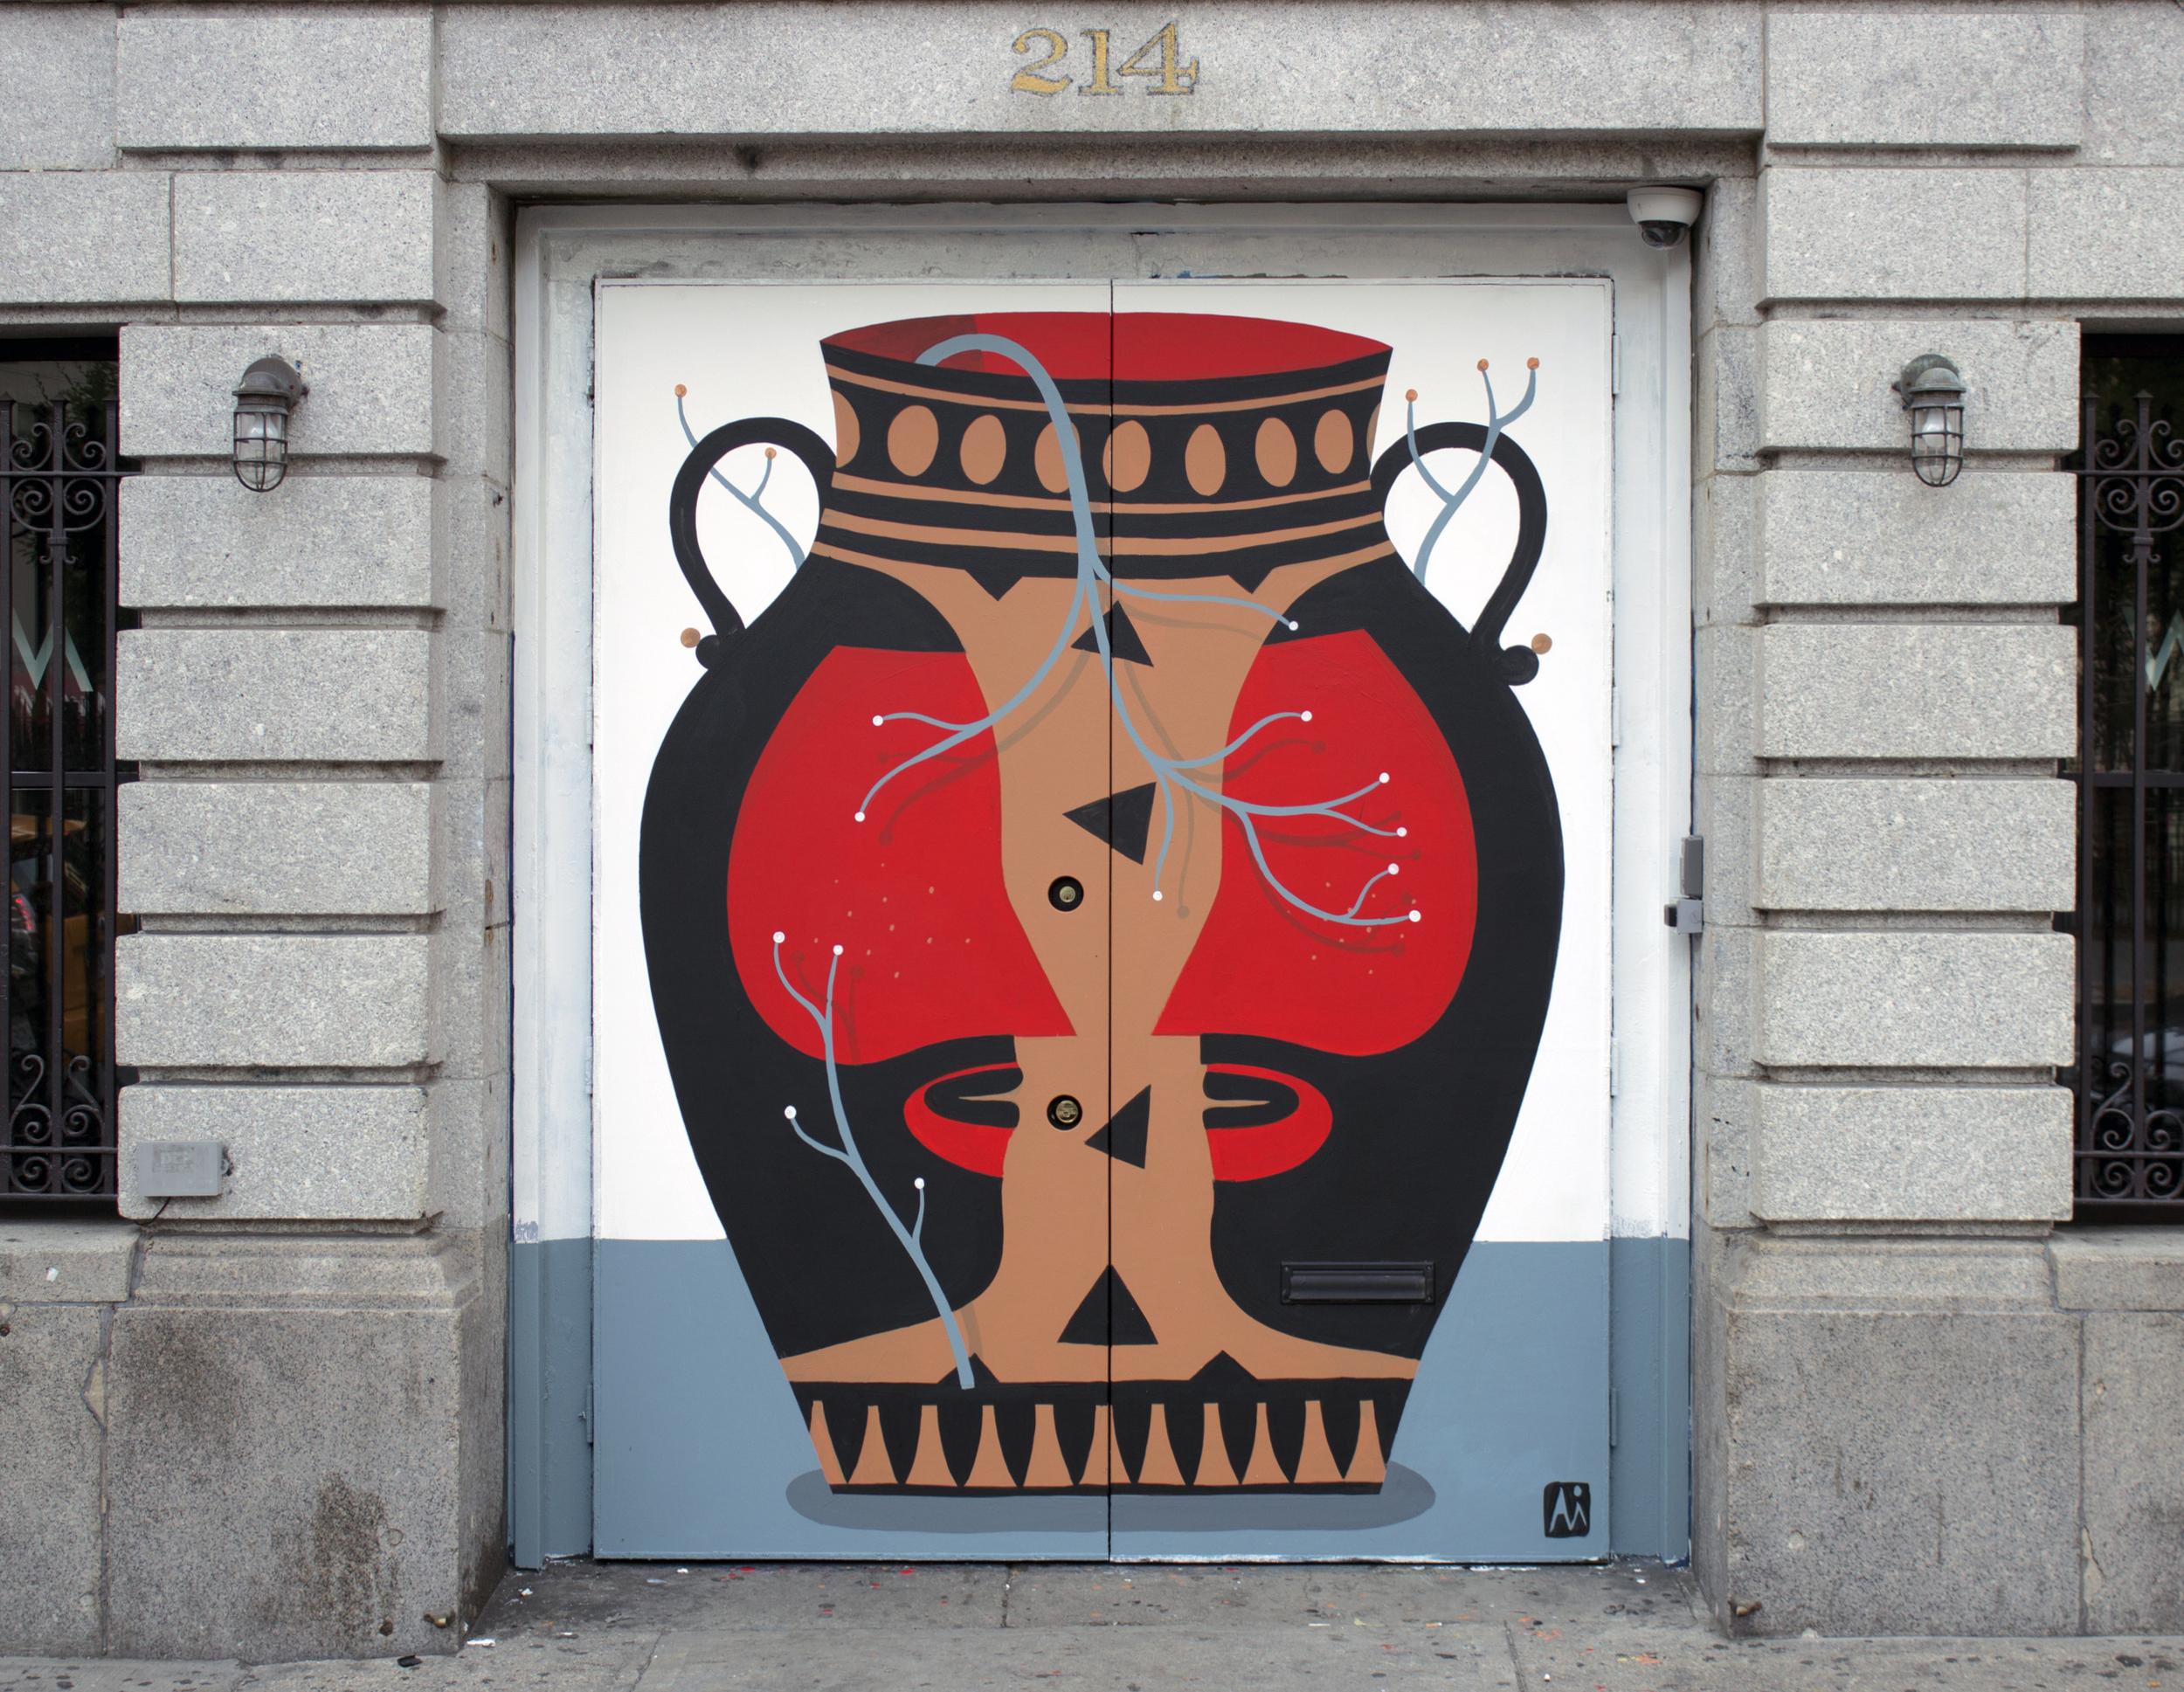 painted anphora3.jpg